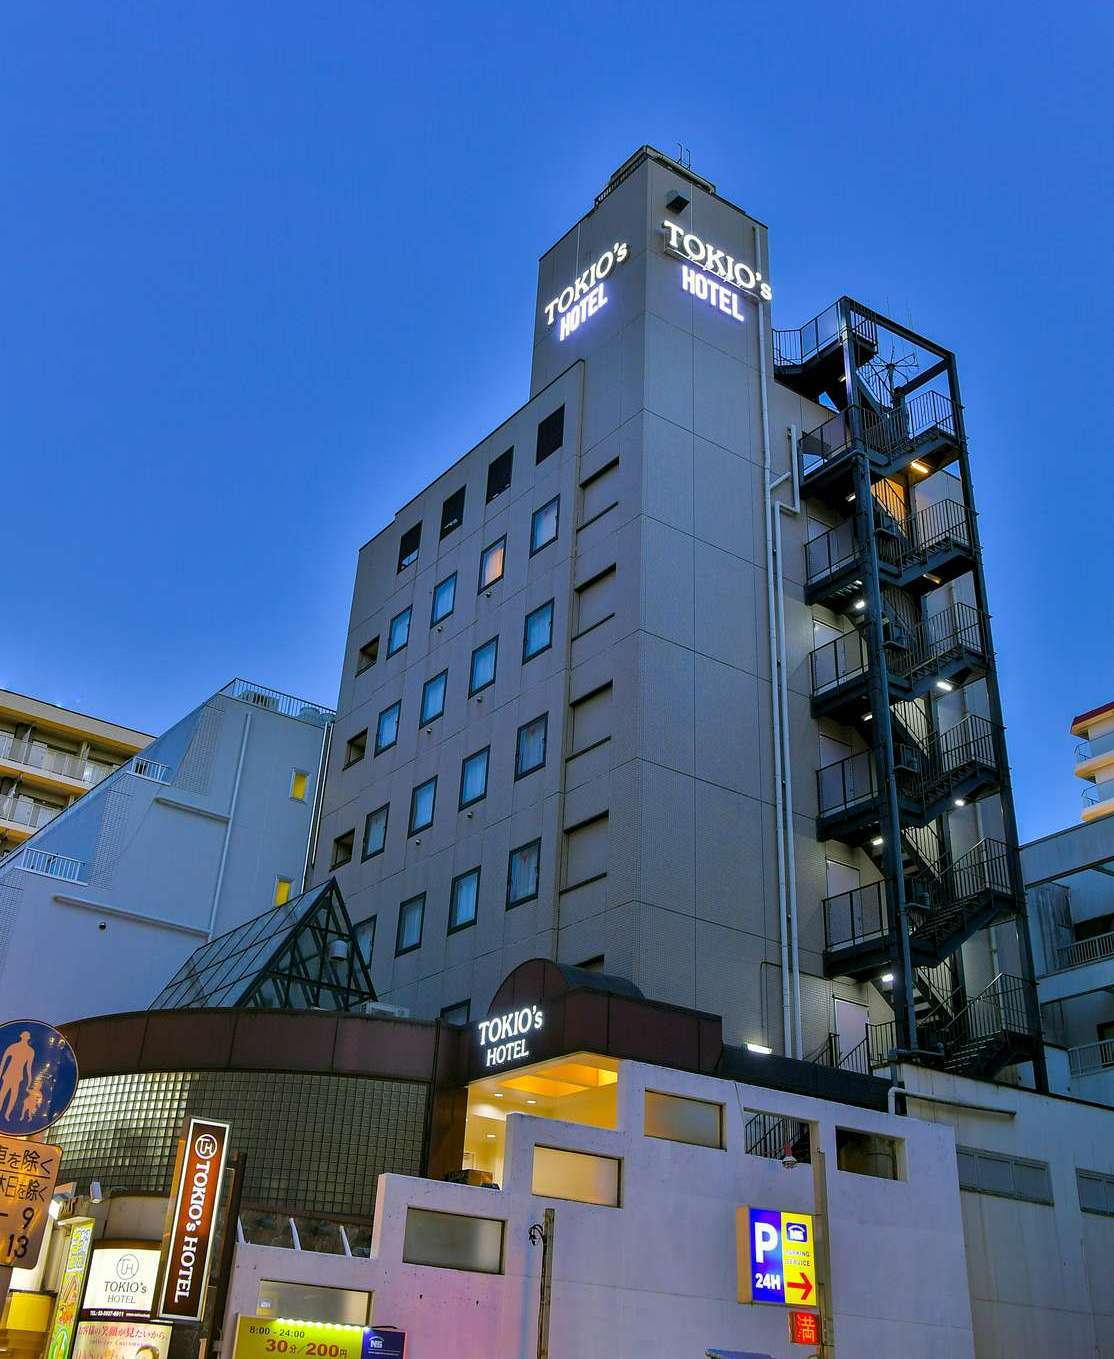 TOKIO's HOTEL(旧アークホテルナインティース)